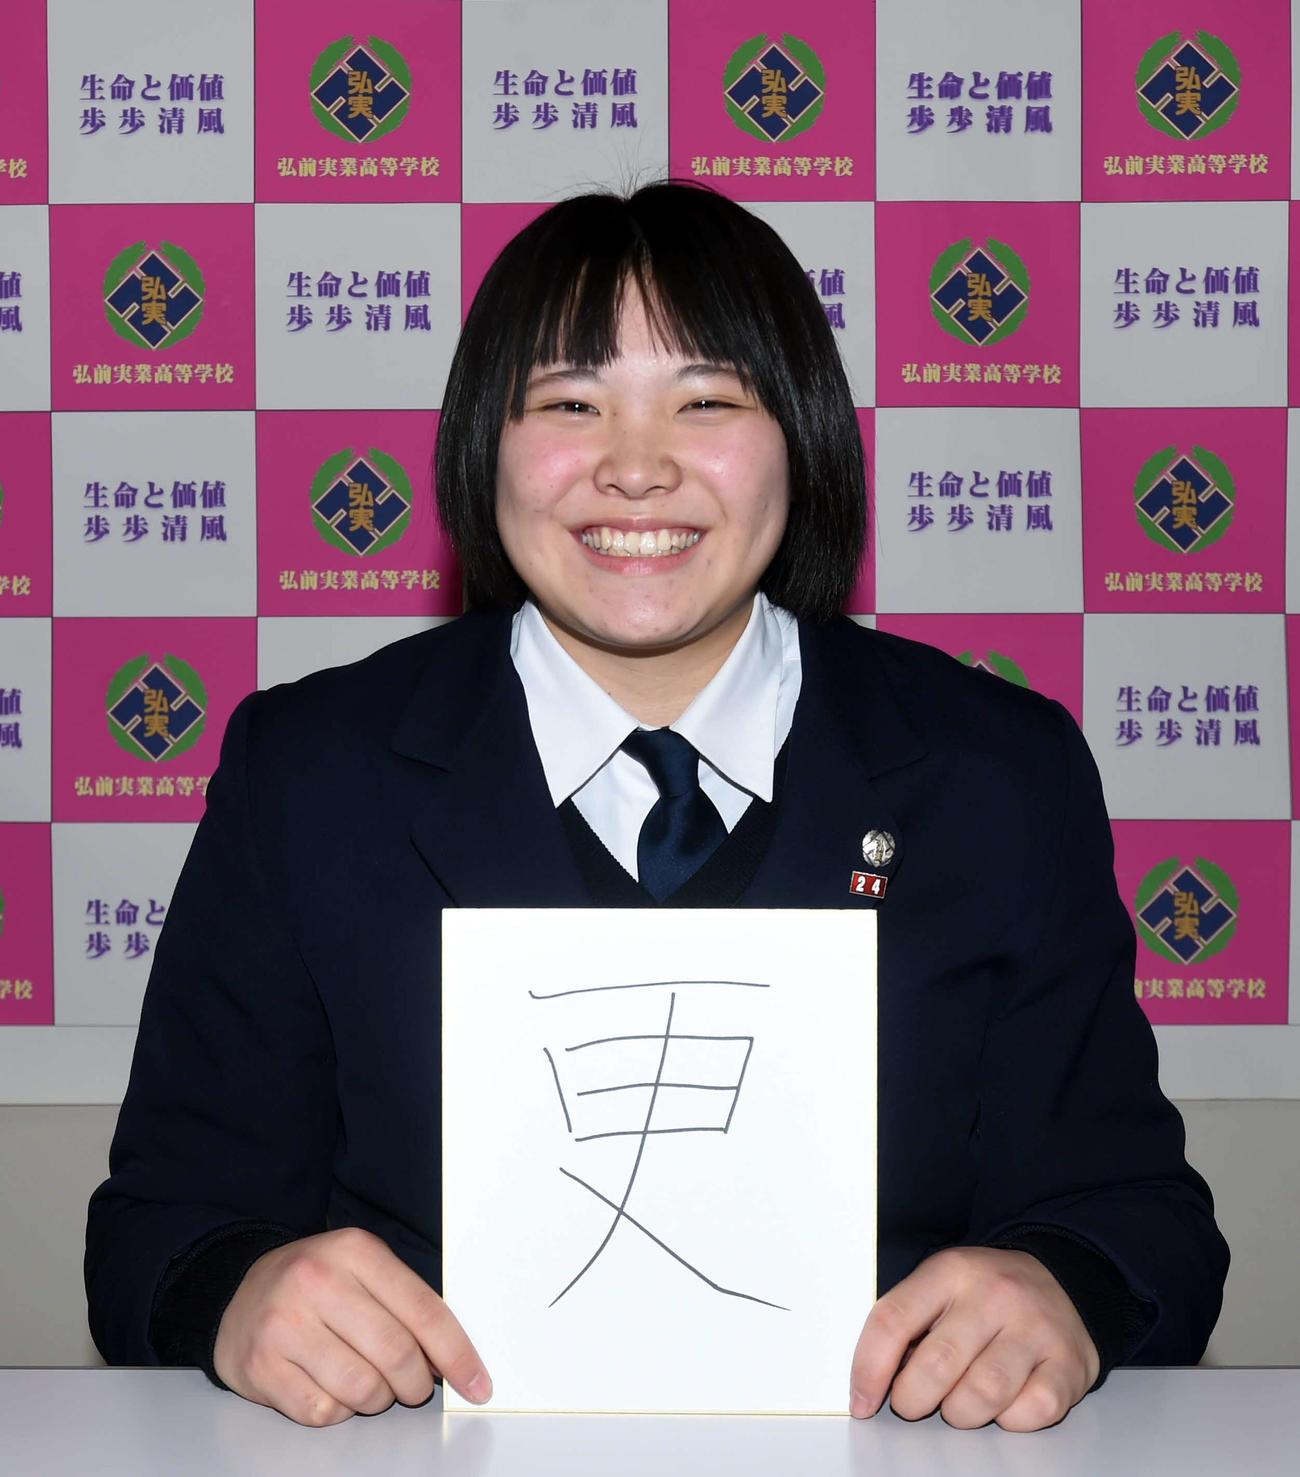 昨年を象徴する漢字1字として「更」と色紙に記した弘前実・村上(撮影・相沢孔志)